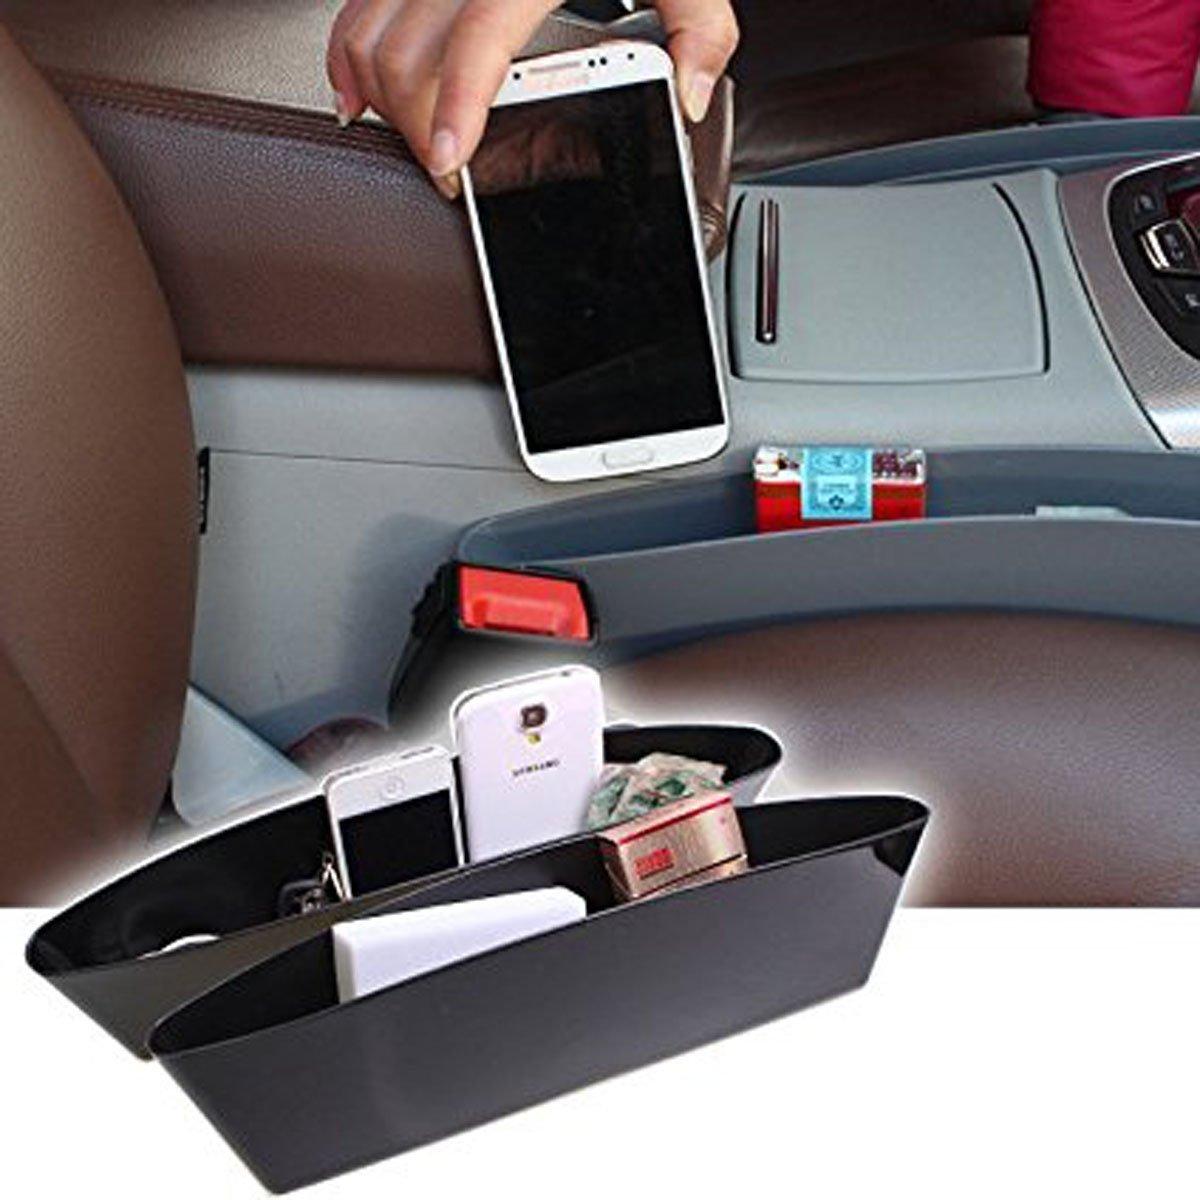 organizer f r die mittelkonsole die besten auto gadgets. Black Bedroom Furniture Sets. Home Design Ideas